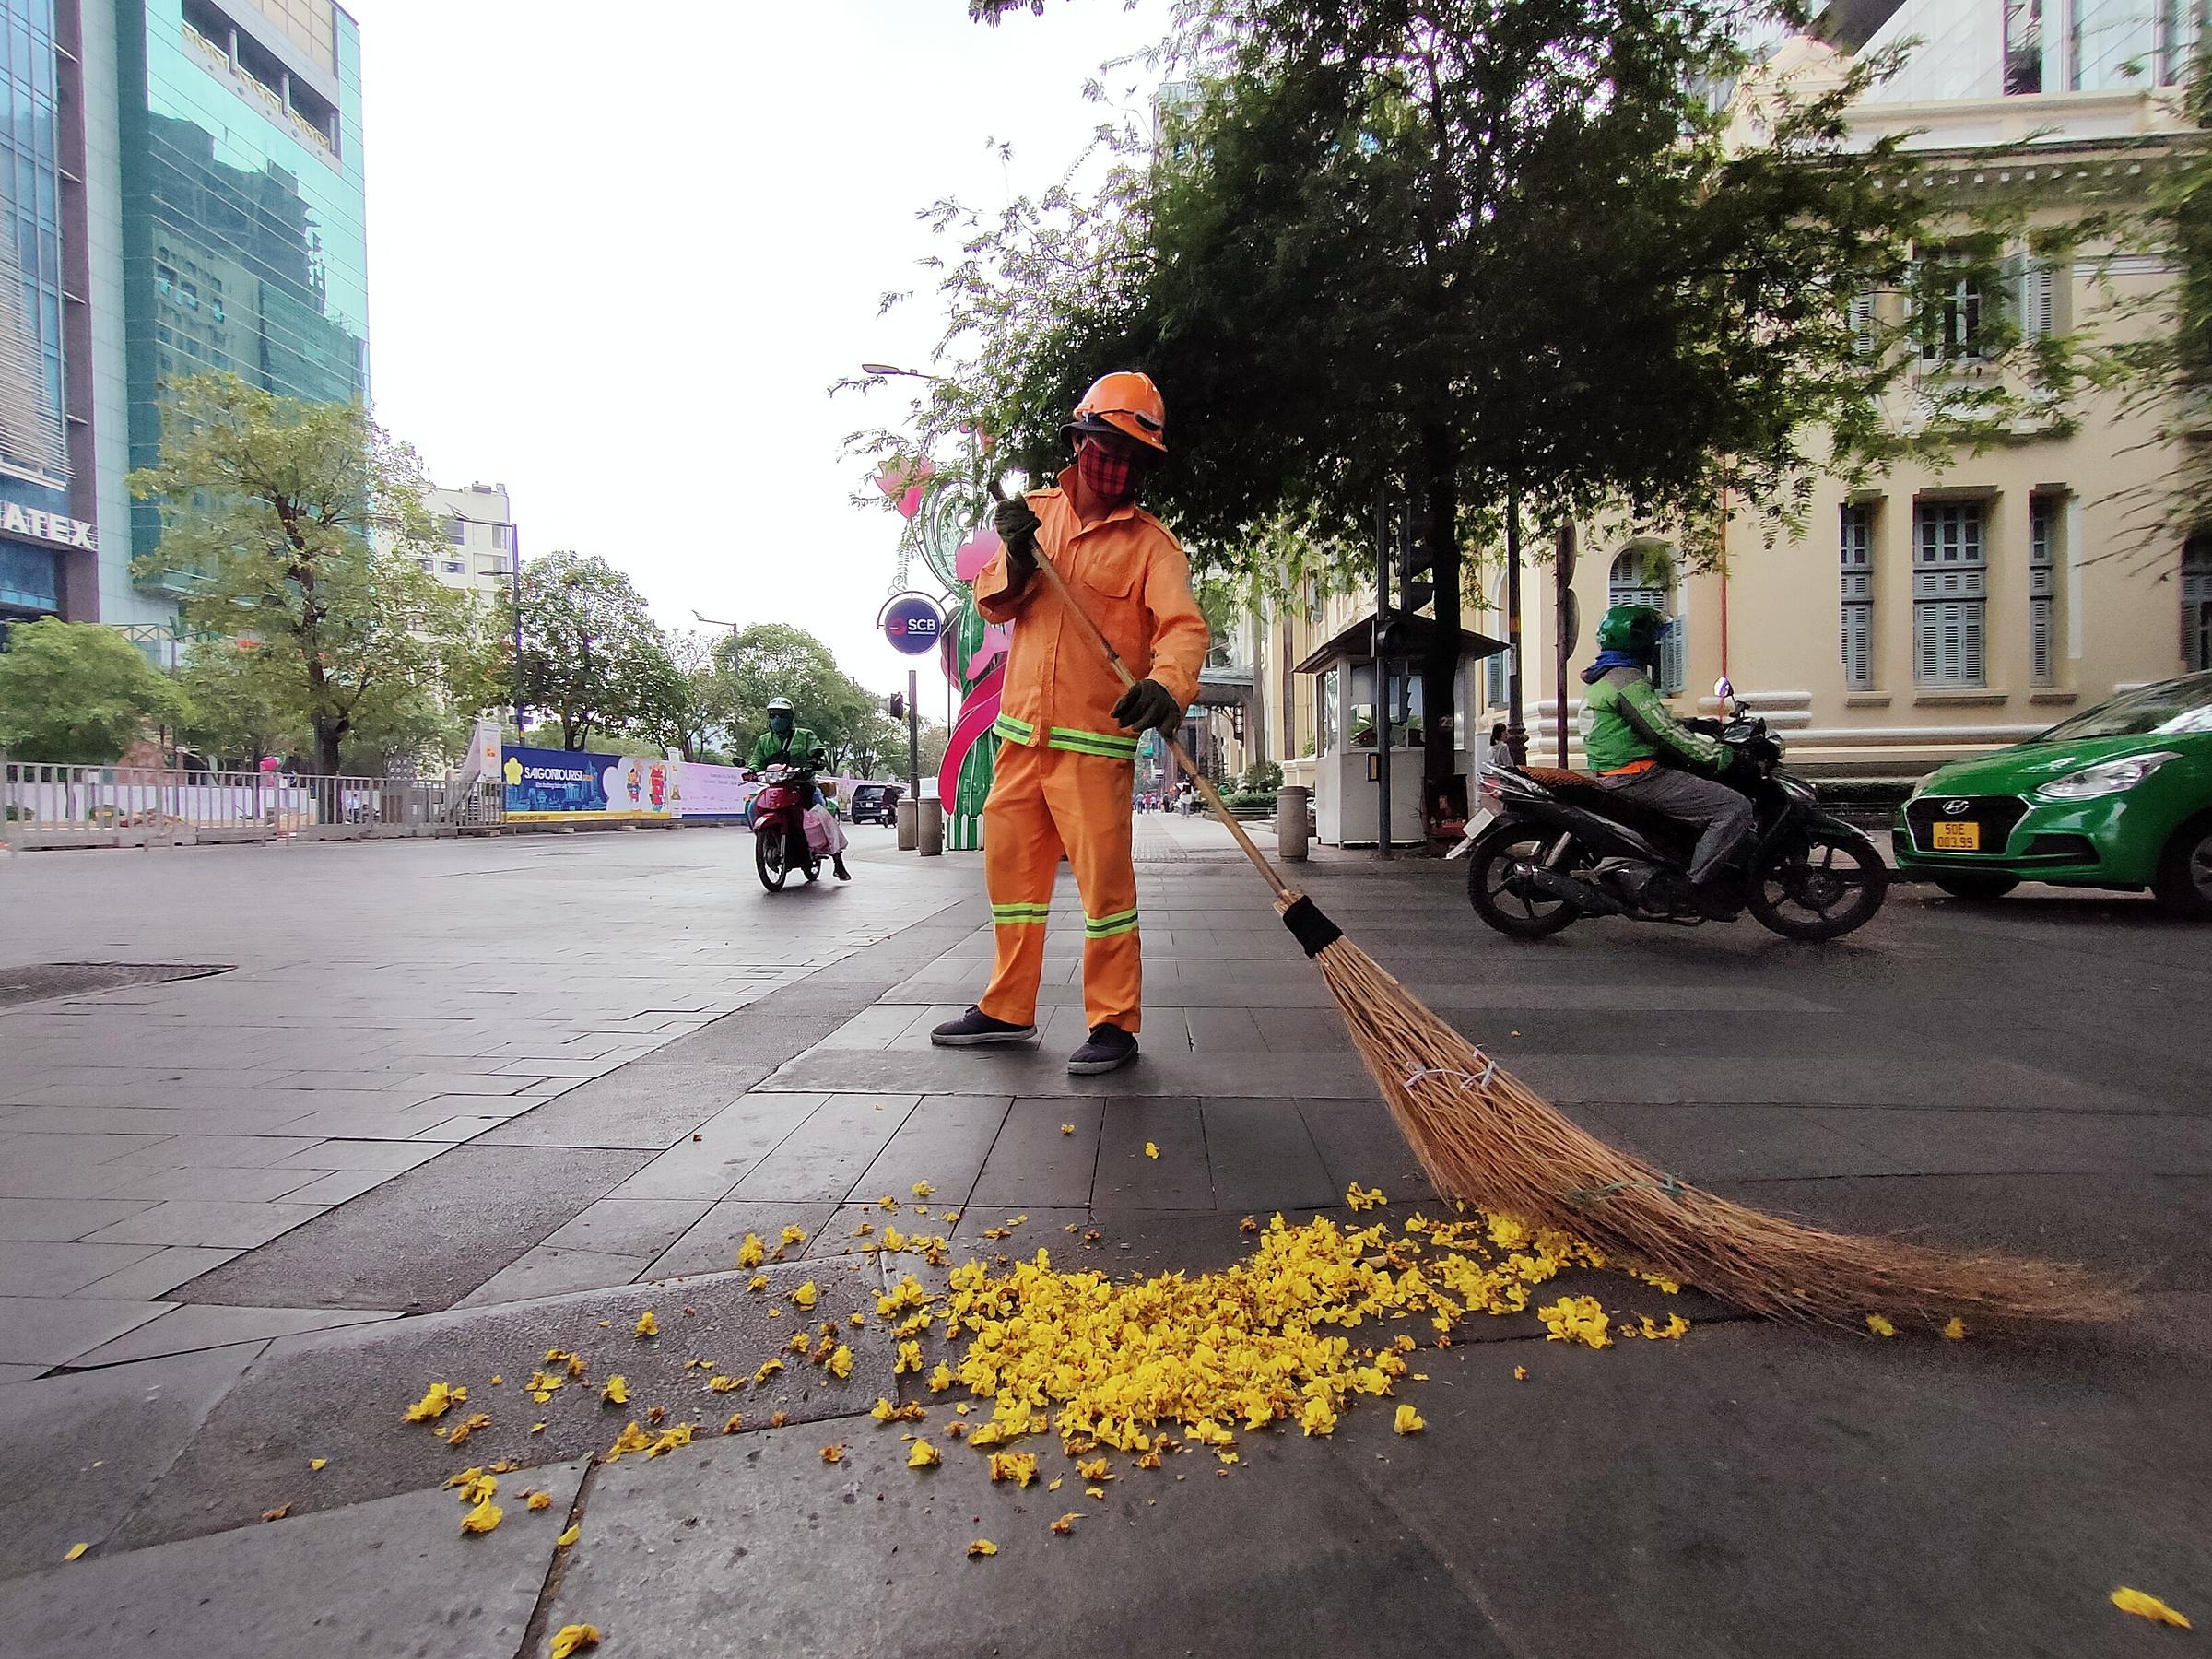 Những ngày cận Tết, đường phố Sài Gòn sạch tinh tươm, sắc xuân rộn rã khắp nơi, những nụ hoa hé nở rực rỡ ở mọi ngõ ngách, chào đón những điều may mắn trong năm mới... Trong khi nhiều người đang tất tả trang trí cho tổ ấm bé nhỏ của riêng mình hoặc về quê sum vầy đón Tết, đâu đó ở Sài Gòn vẫn còn những người cố gắng tận dụng vài ngày làm việc cuối cùng của năm cũ để đổi lấy một cái Tết ấm no, đủ đầy hơn cho cả gia đình. Dưới ống kính realme 7, những con người lao động bình dị hiện lên bé nhỏ.